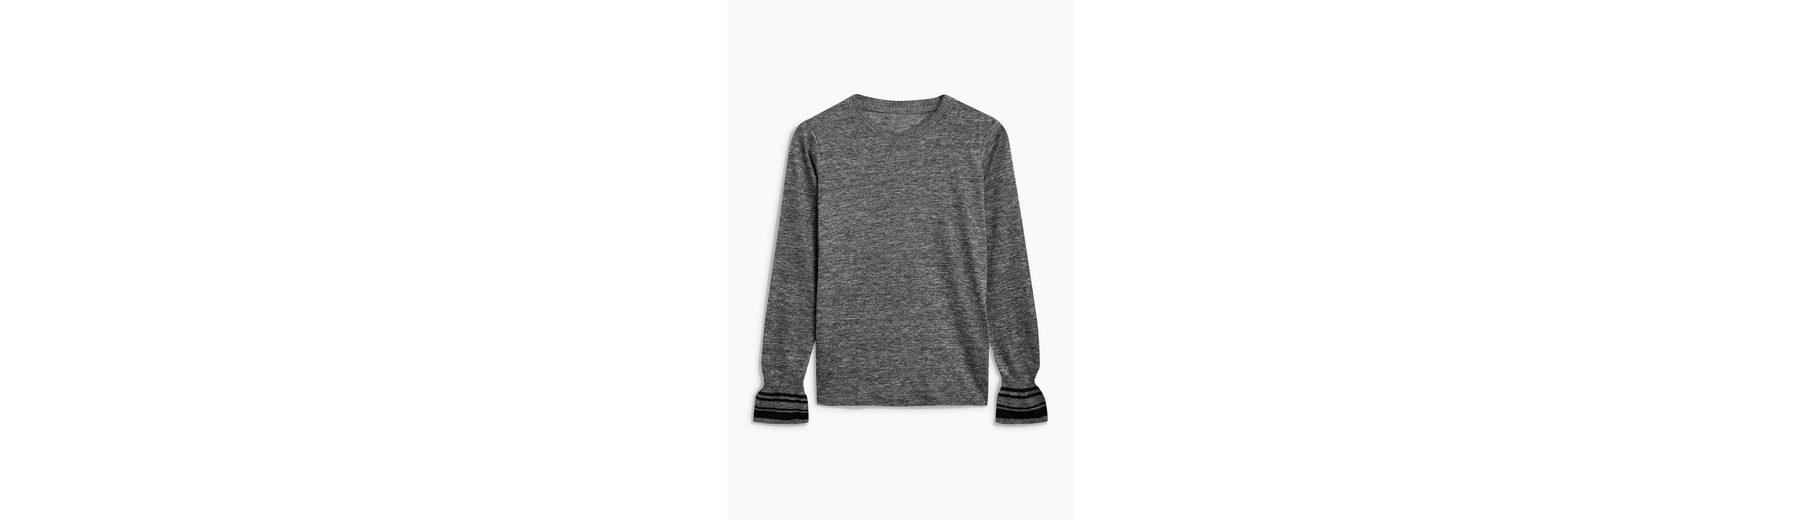 Next Pullover in Strickoptik Günstig Kaufen Mode-Stil Footaction Günstig Online Liefern Online 7eqysFMMFQ